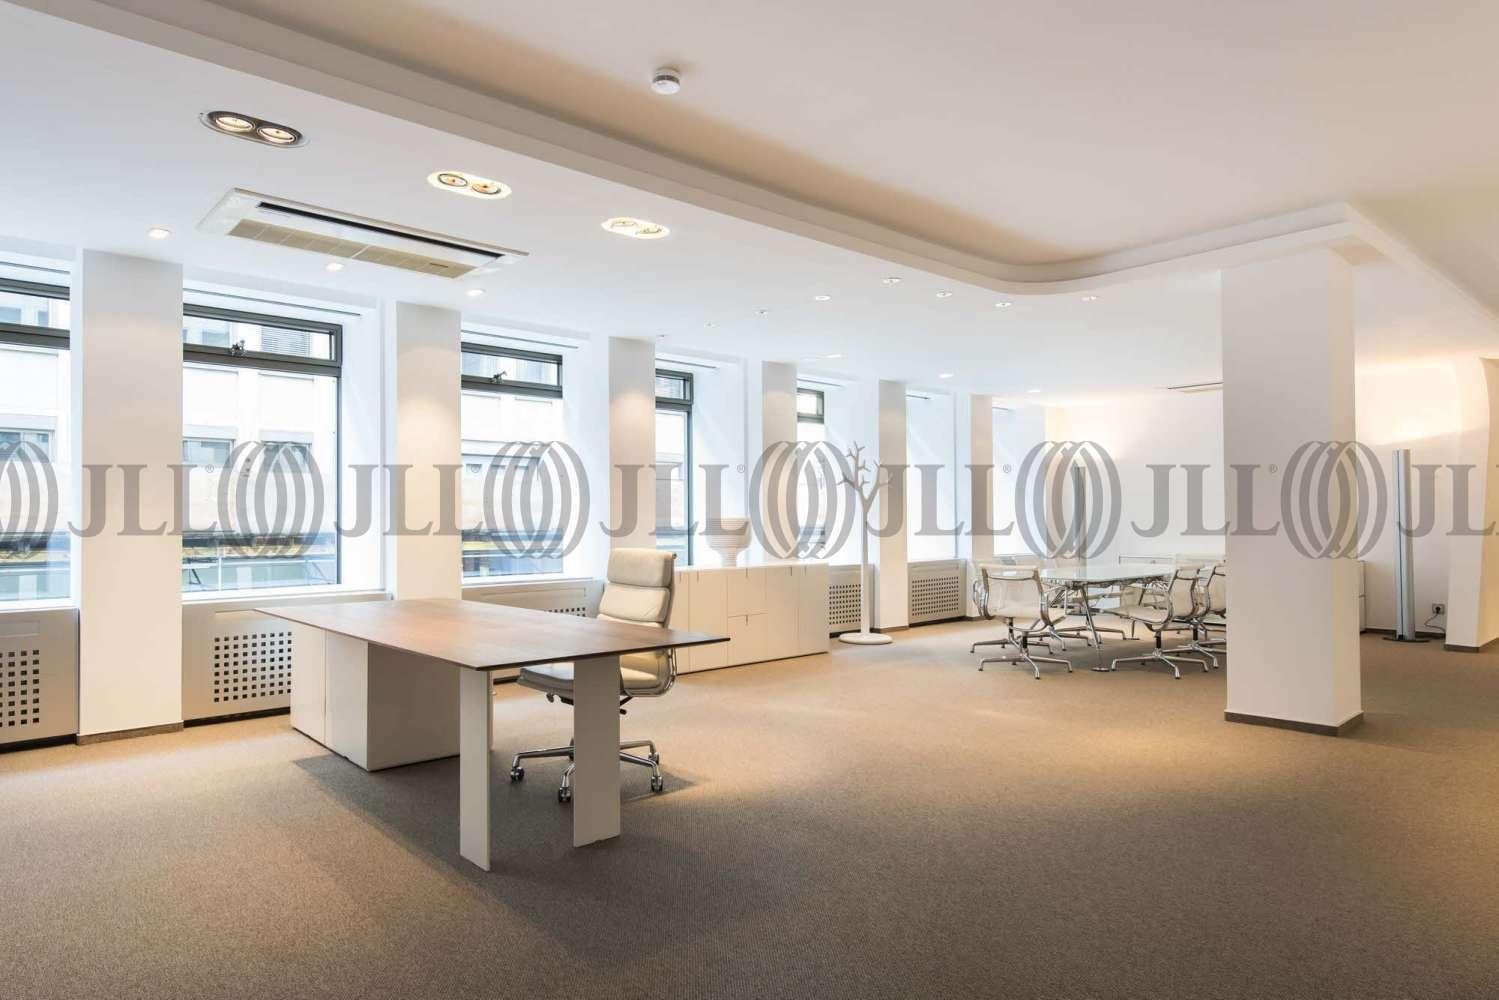 Büros Frankfurt am main, 60311 - Büro - Frankfurt am Main, Innenstadt - F0088 - 9589081